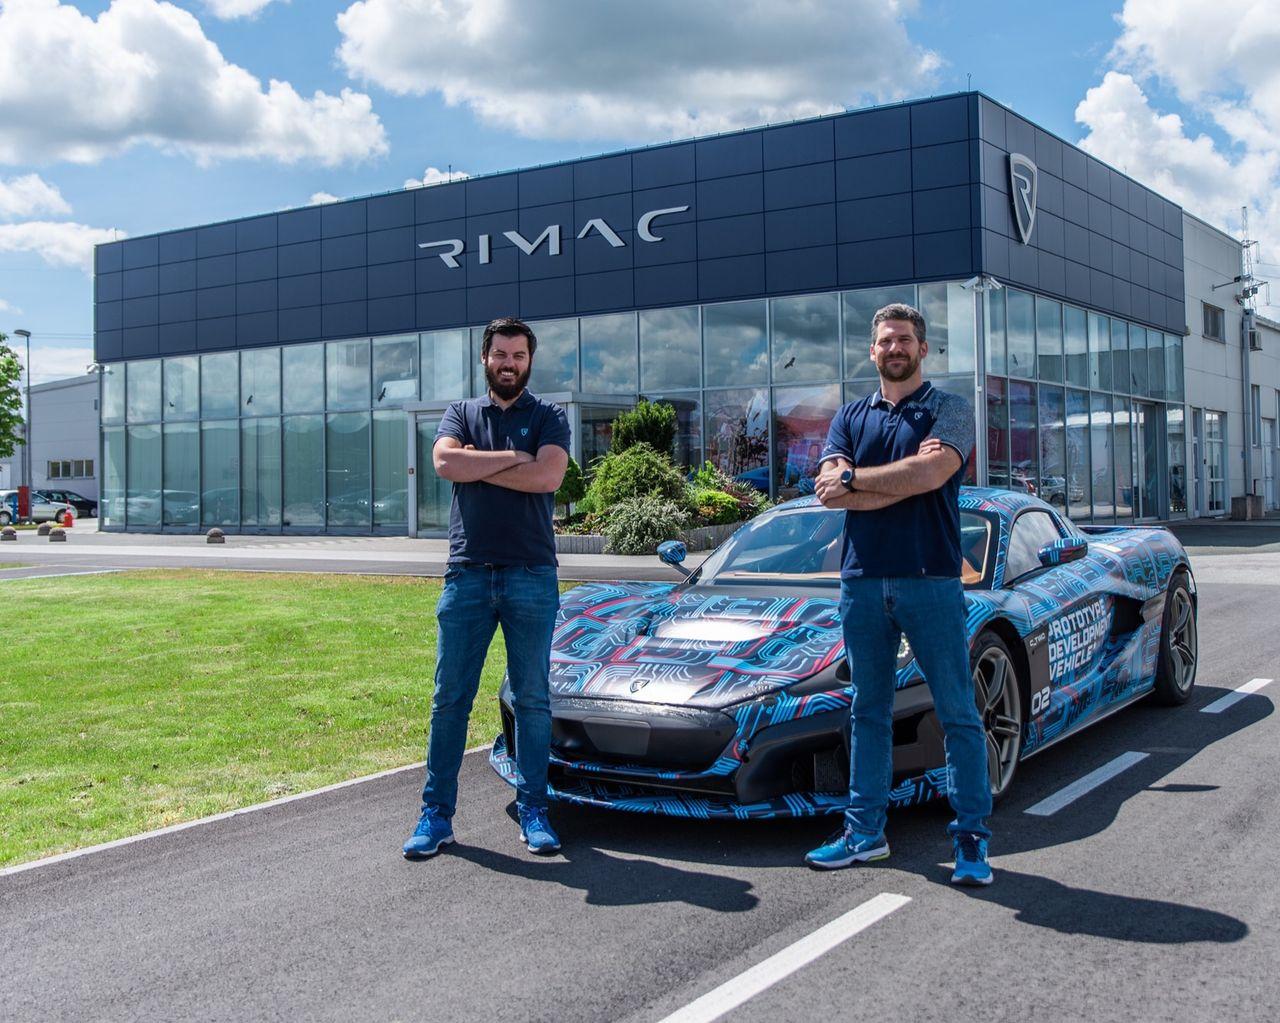 Rimac köper Bugatti